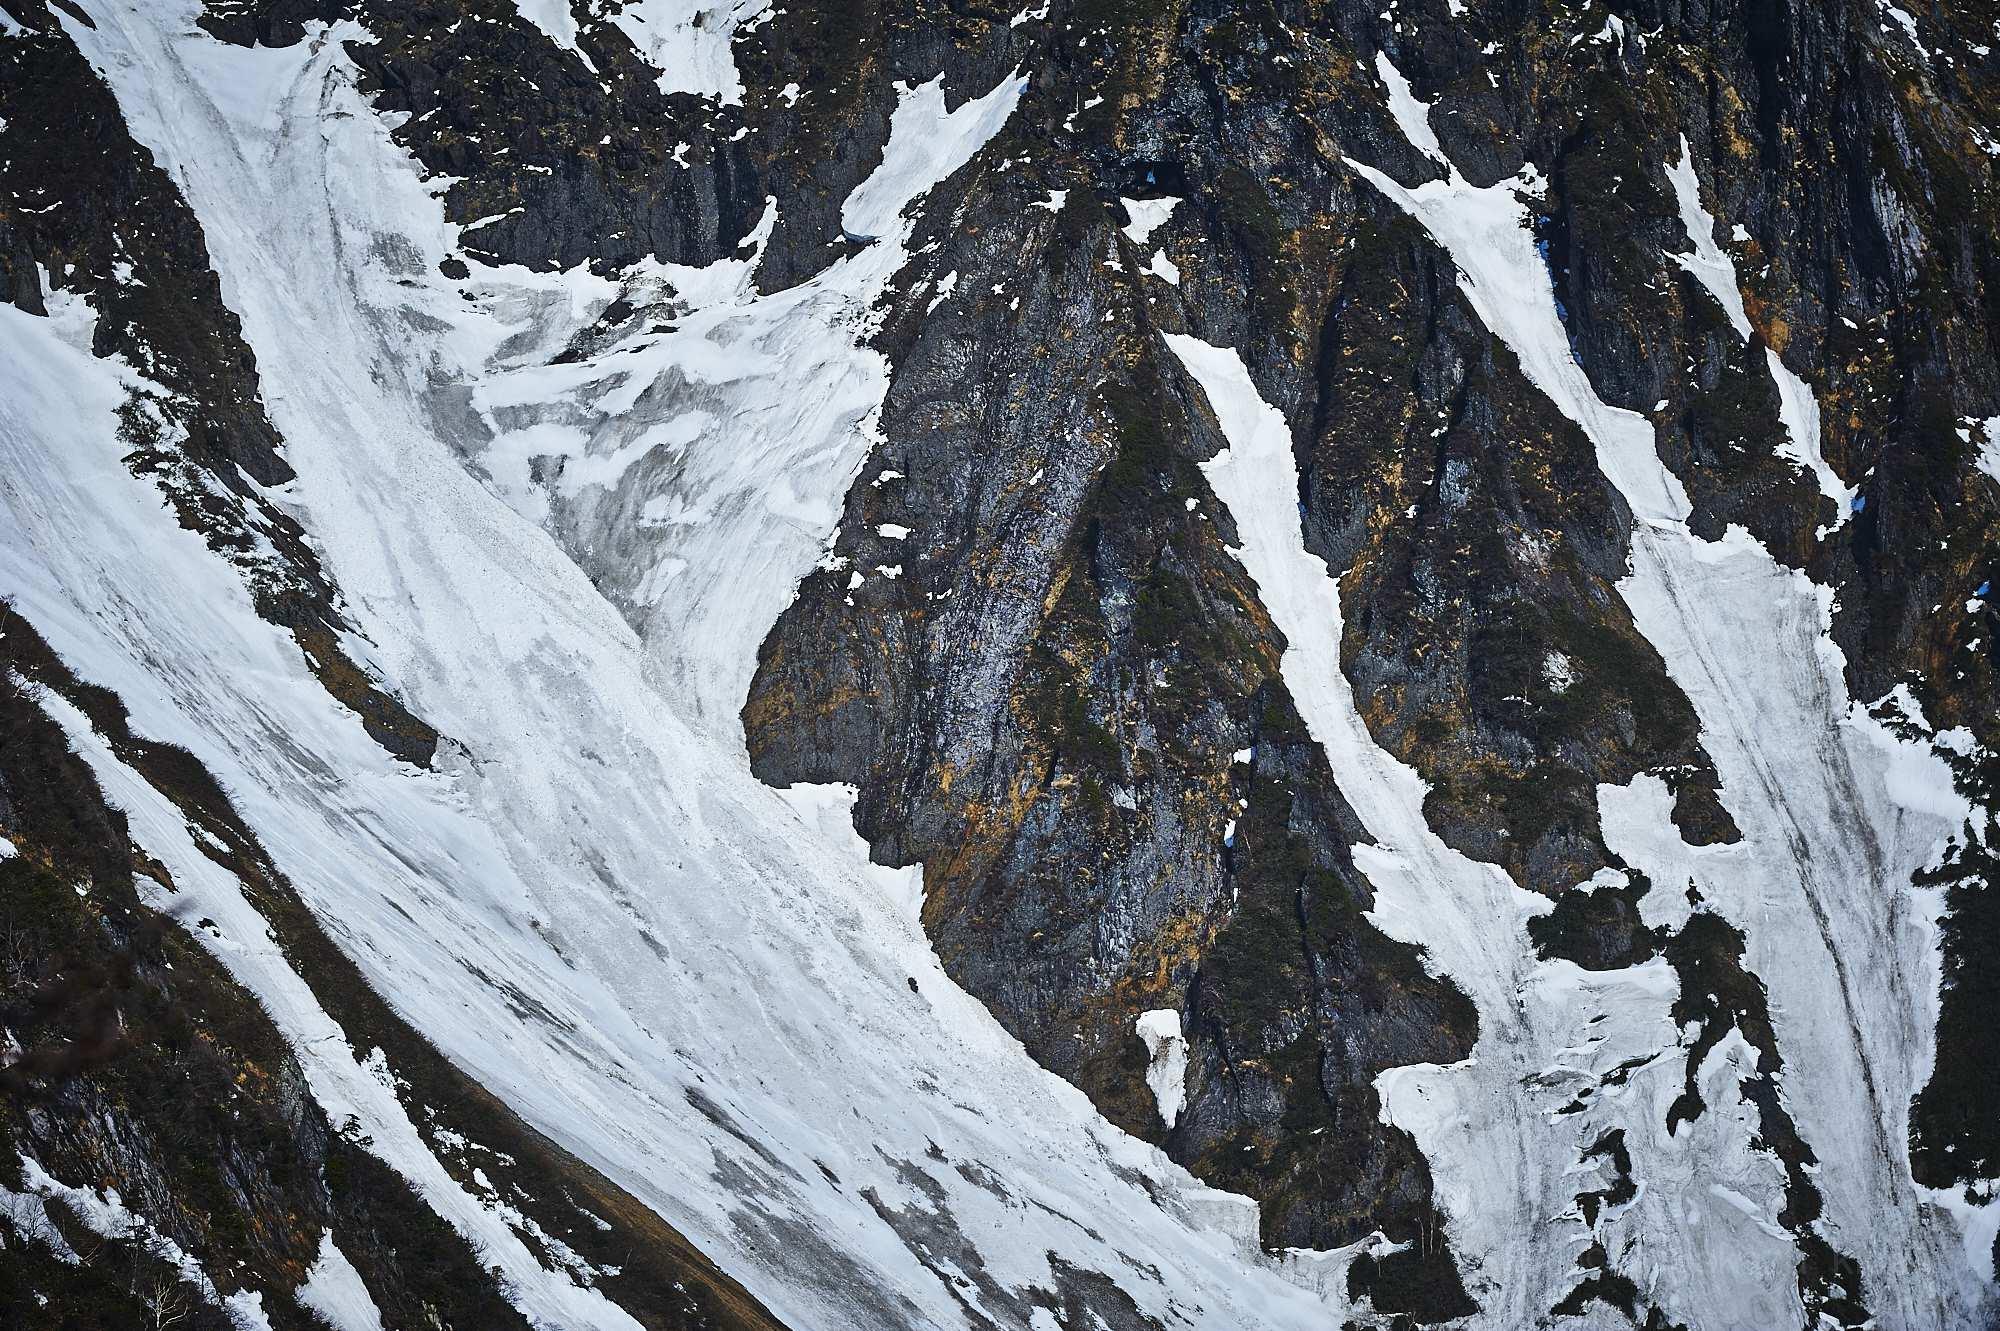 谷川岳の残雪と岩肌